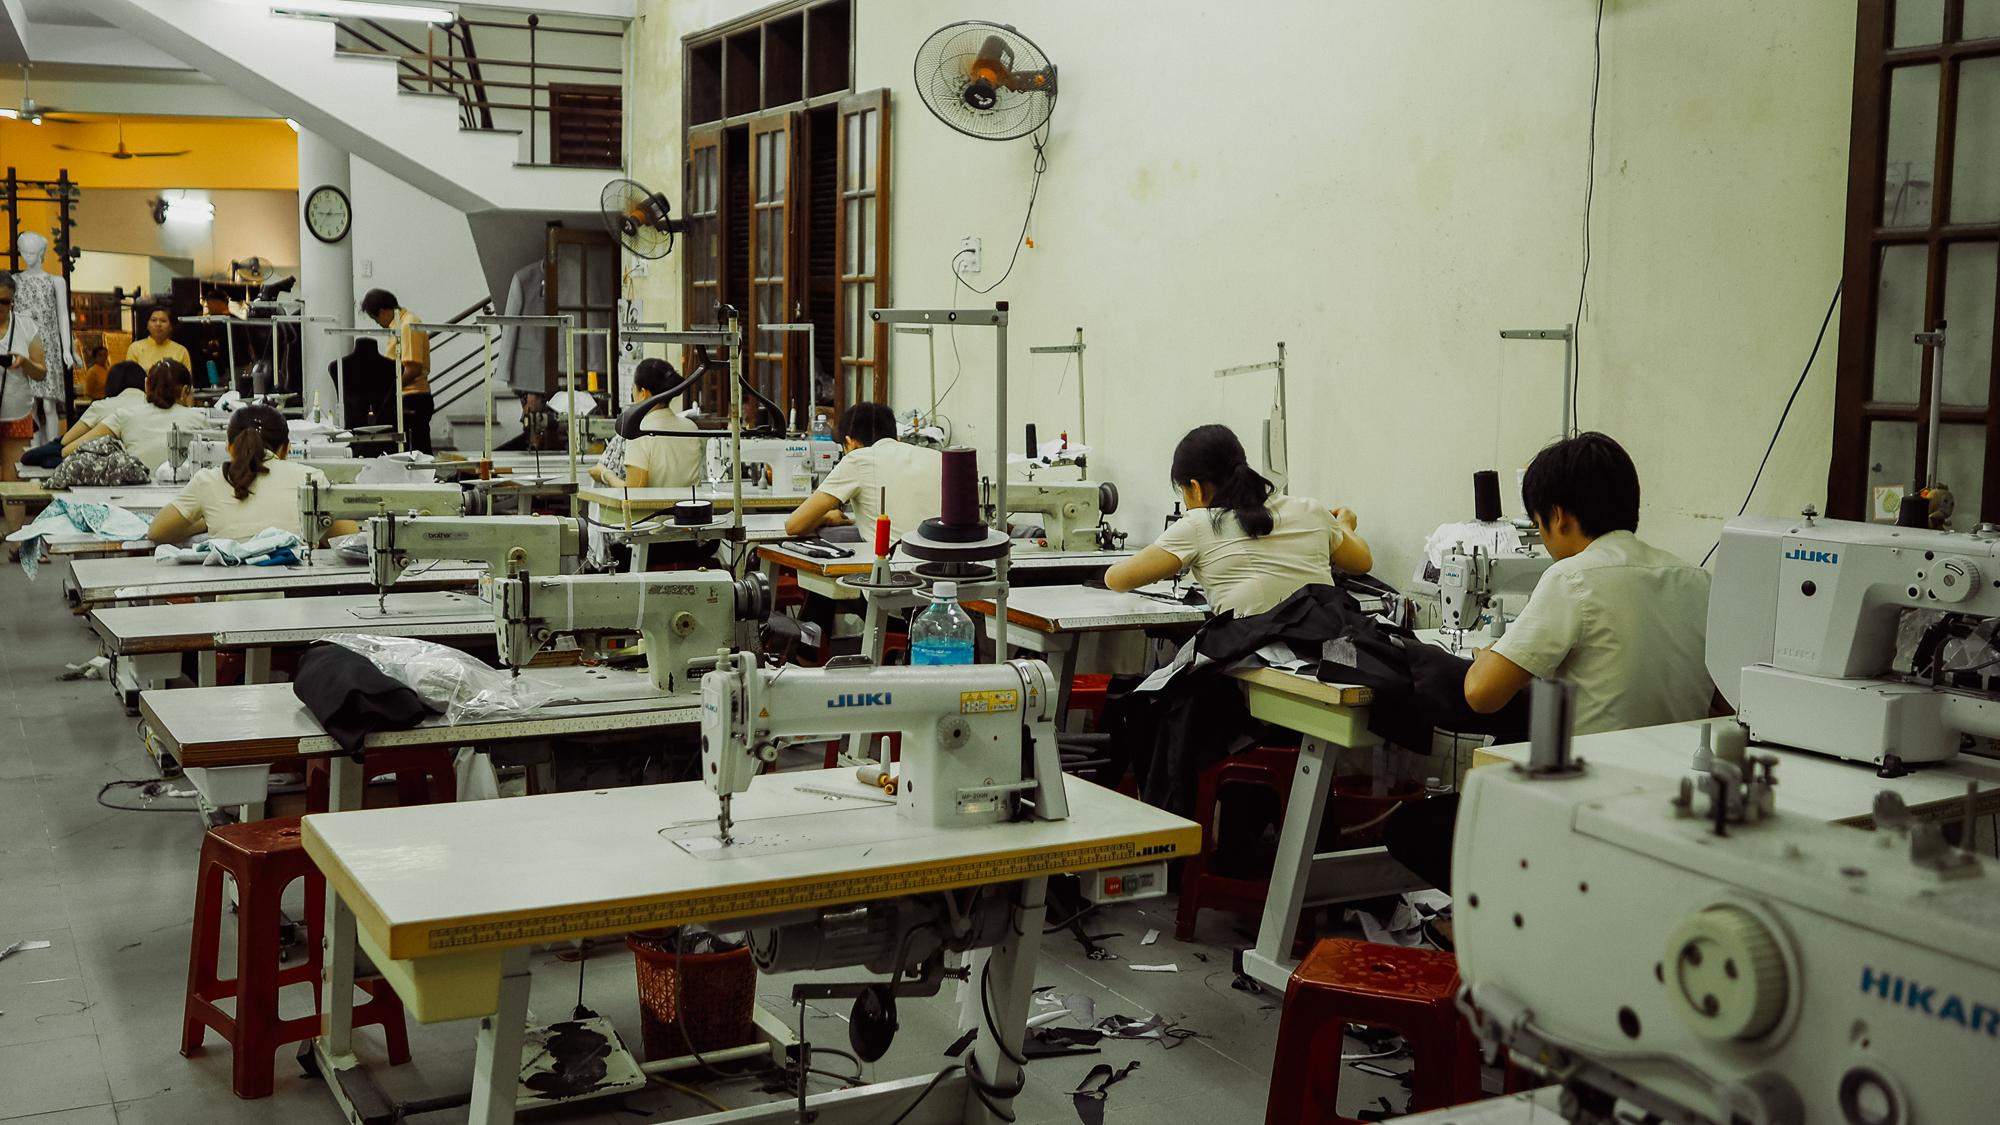 Atelier de couture à Hoi An vietnam